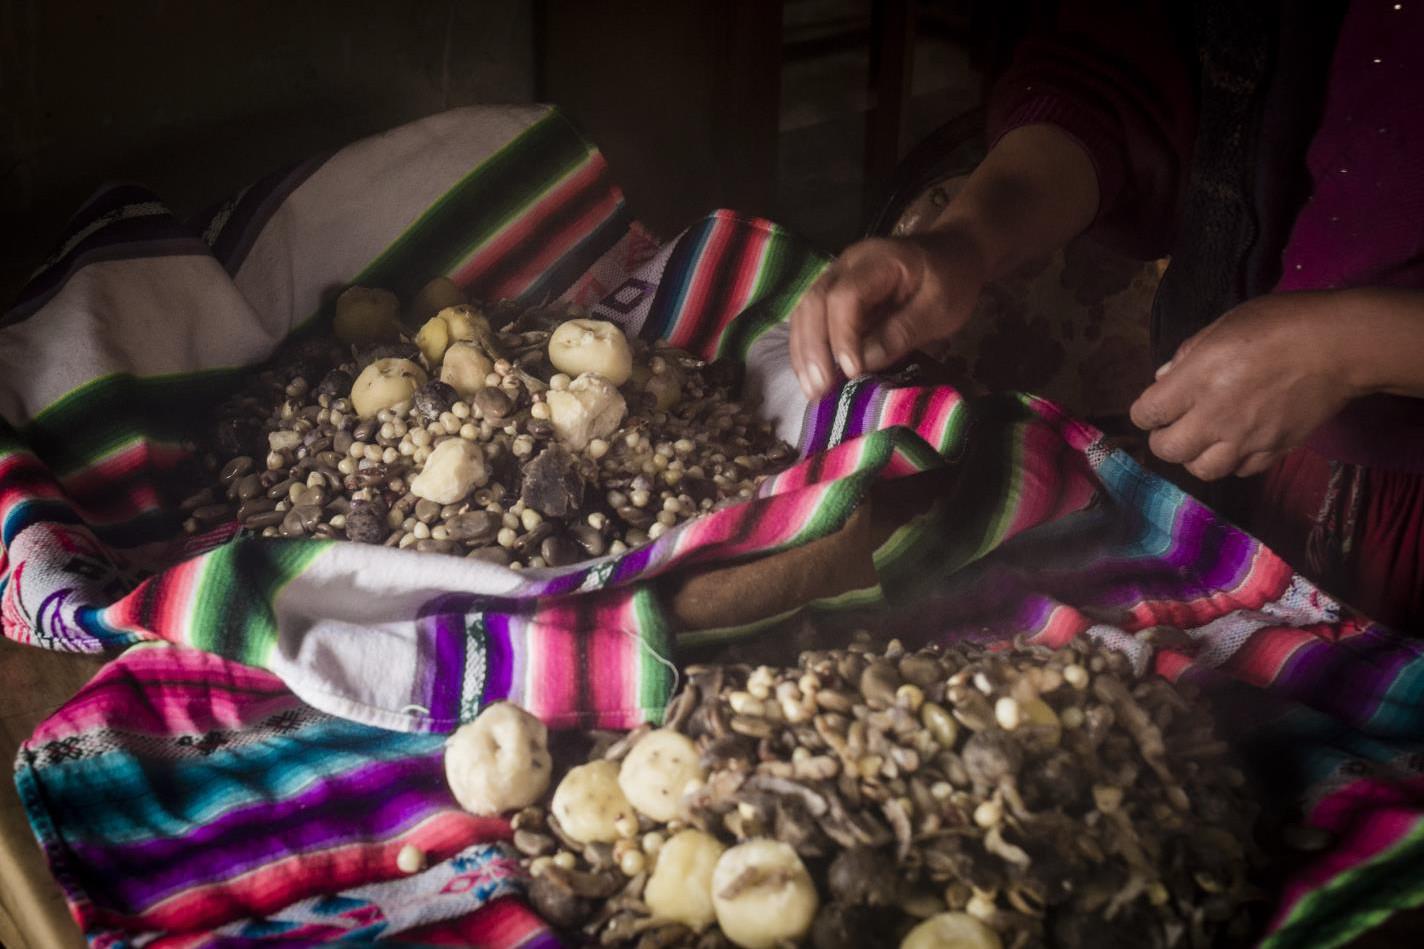 Alistando cocawi-Uriel Alexis Montúfar Butrón-Peru